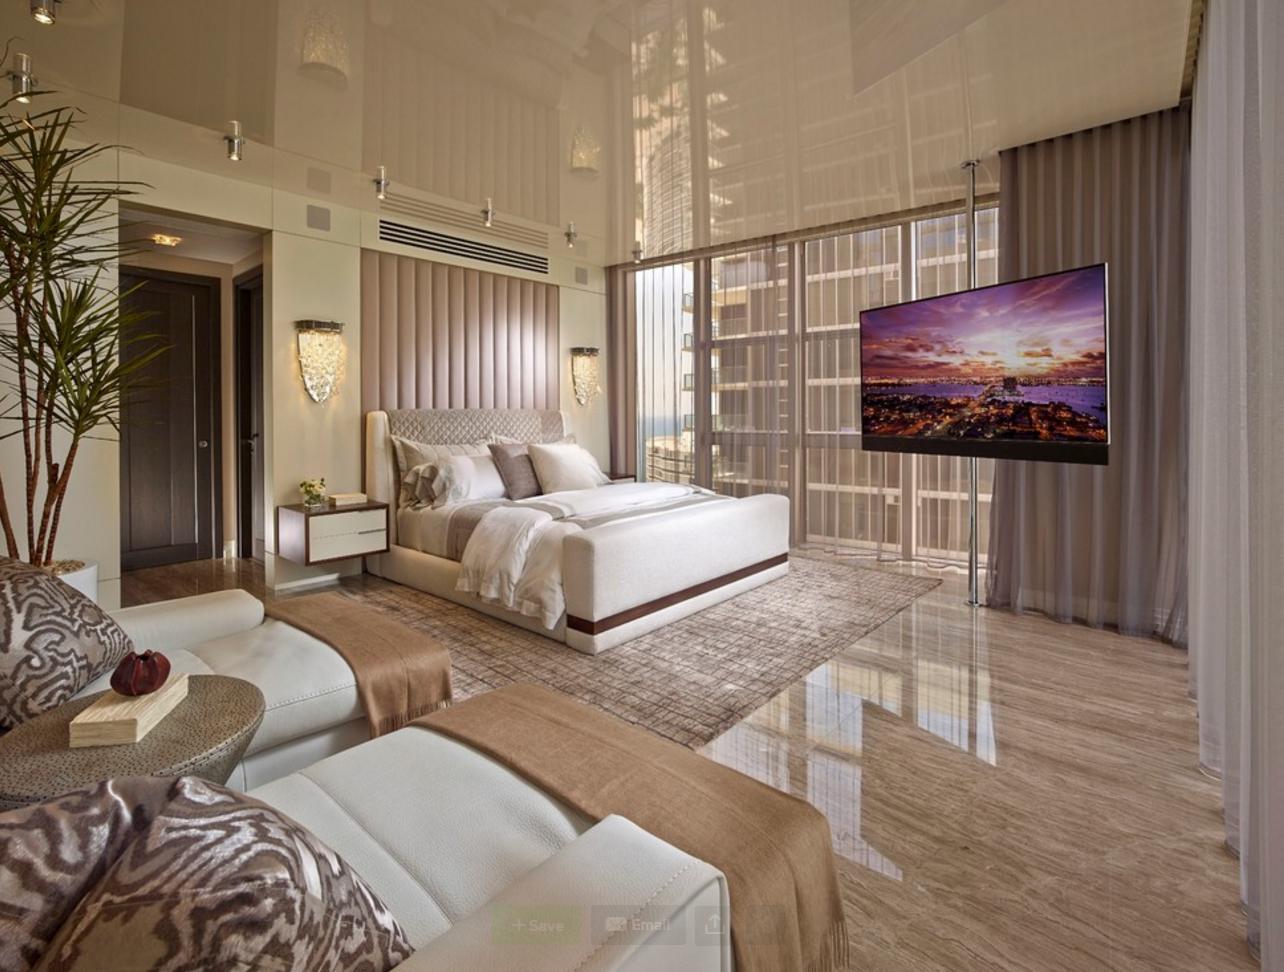 Bodenbelag schlafzimmer ~ Ein bodenbelag aus marmorfliesen bringt die natur ins schlafzimmer